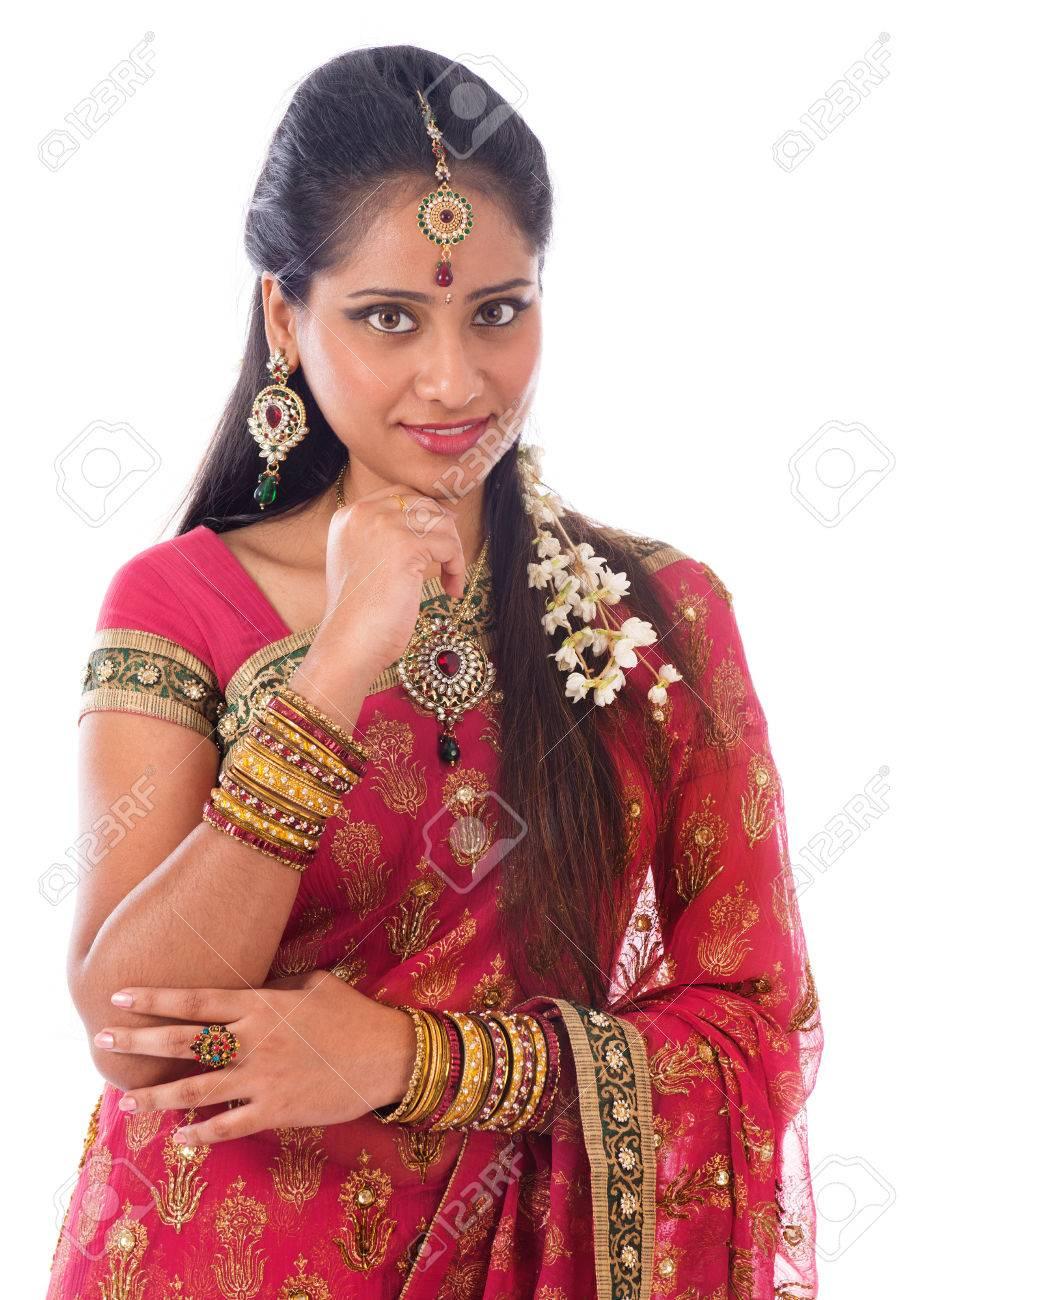 Blanco Retrato CámaraPie Joven De Tradicional Pensamiento Aislado La A Vestido En Muchacha India SariMirando Hermosa El c1lFTK3Ju